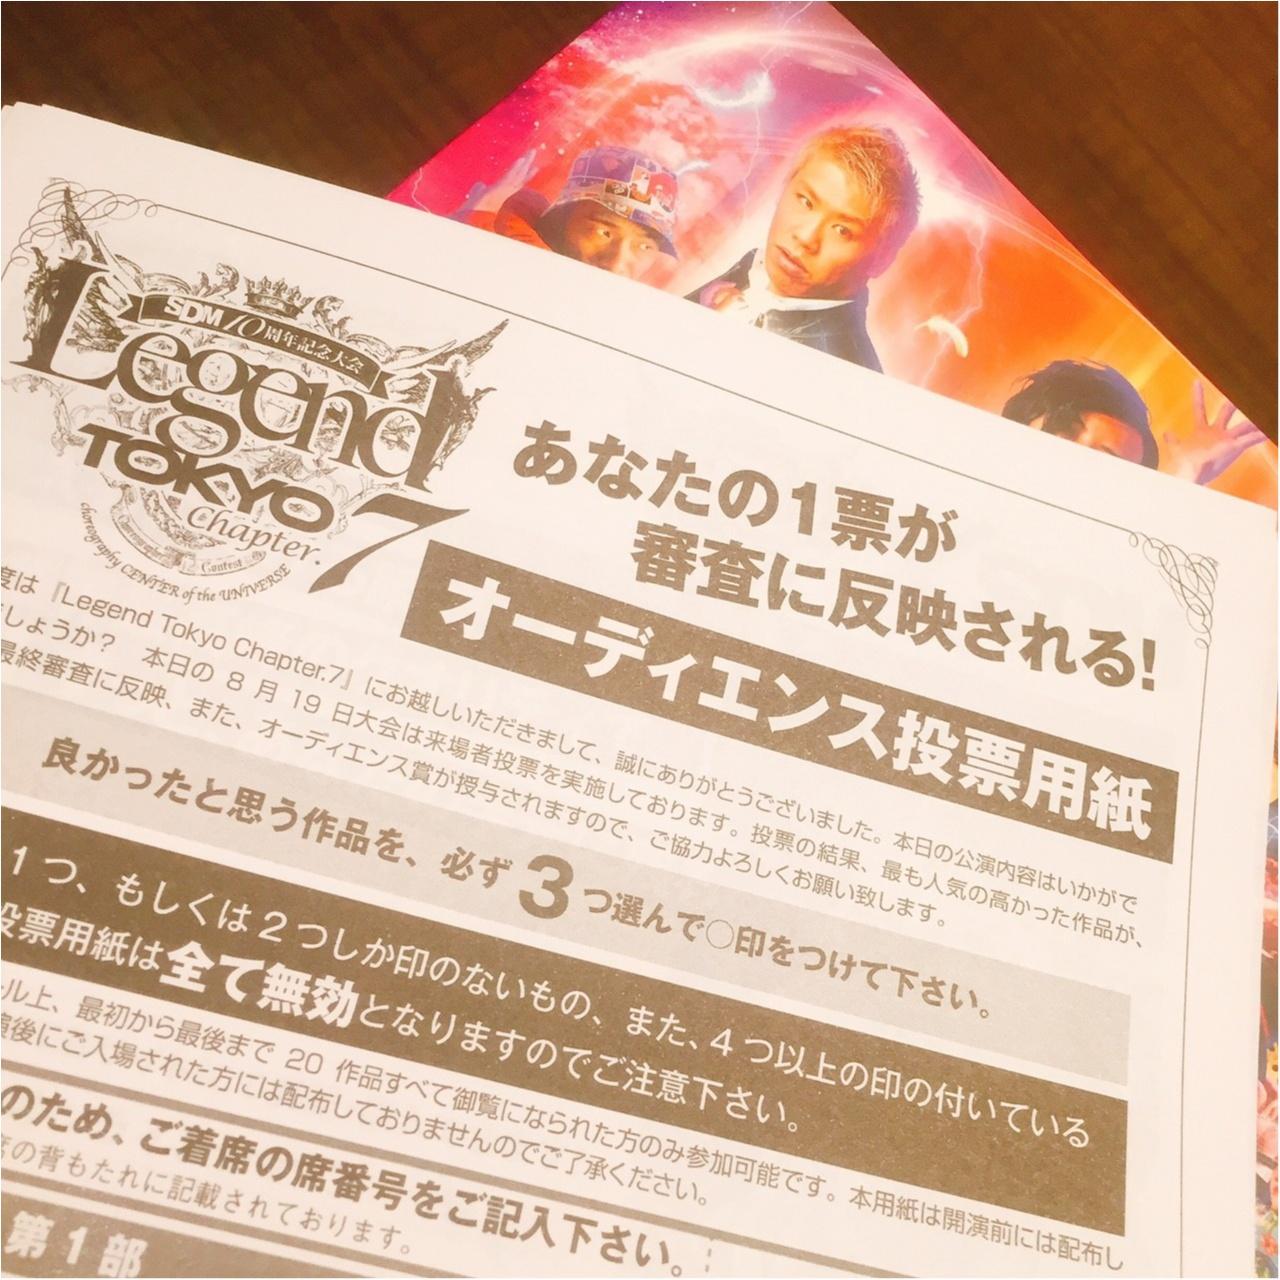 【本日開幕】 コンテストと過去受賞作品を連続で観られる《Legend Tokyo Chapter.7》だからこそ考えられたこと_5